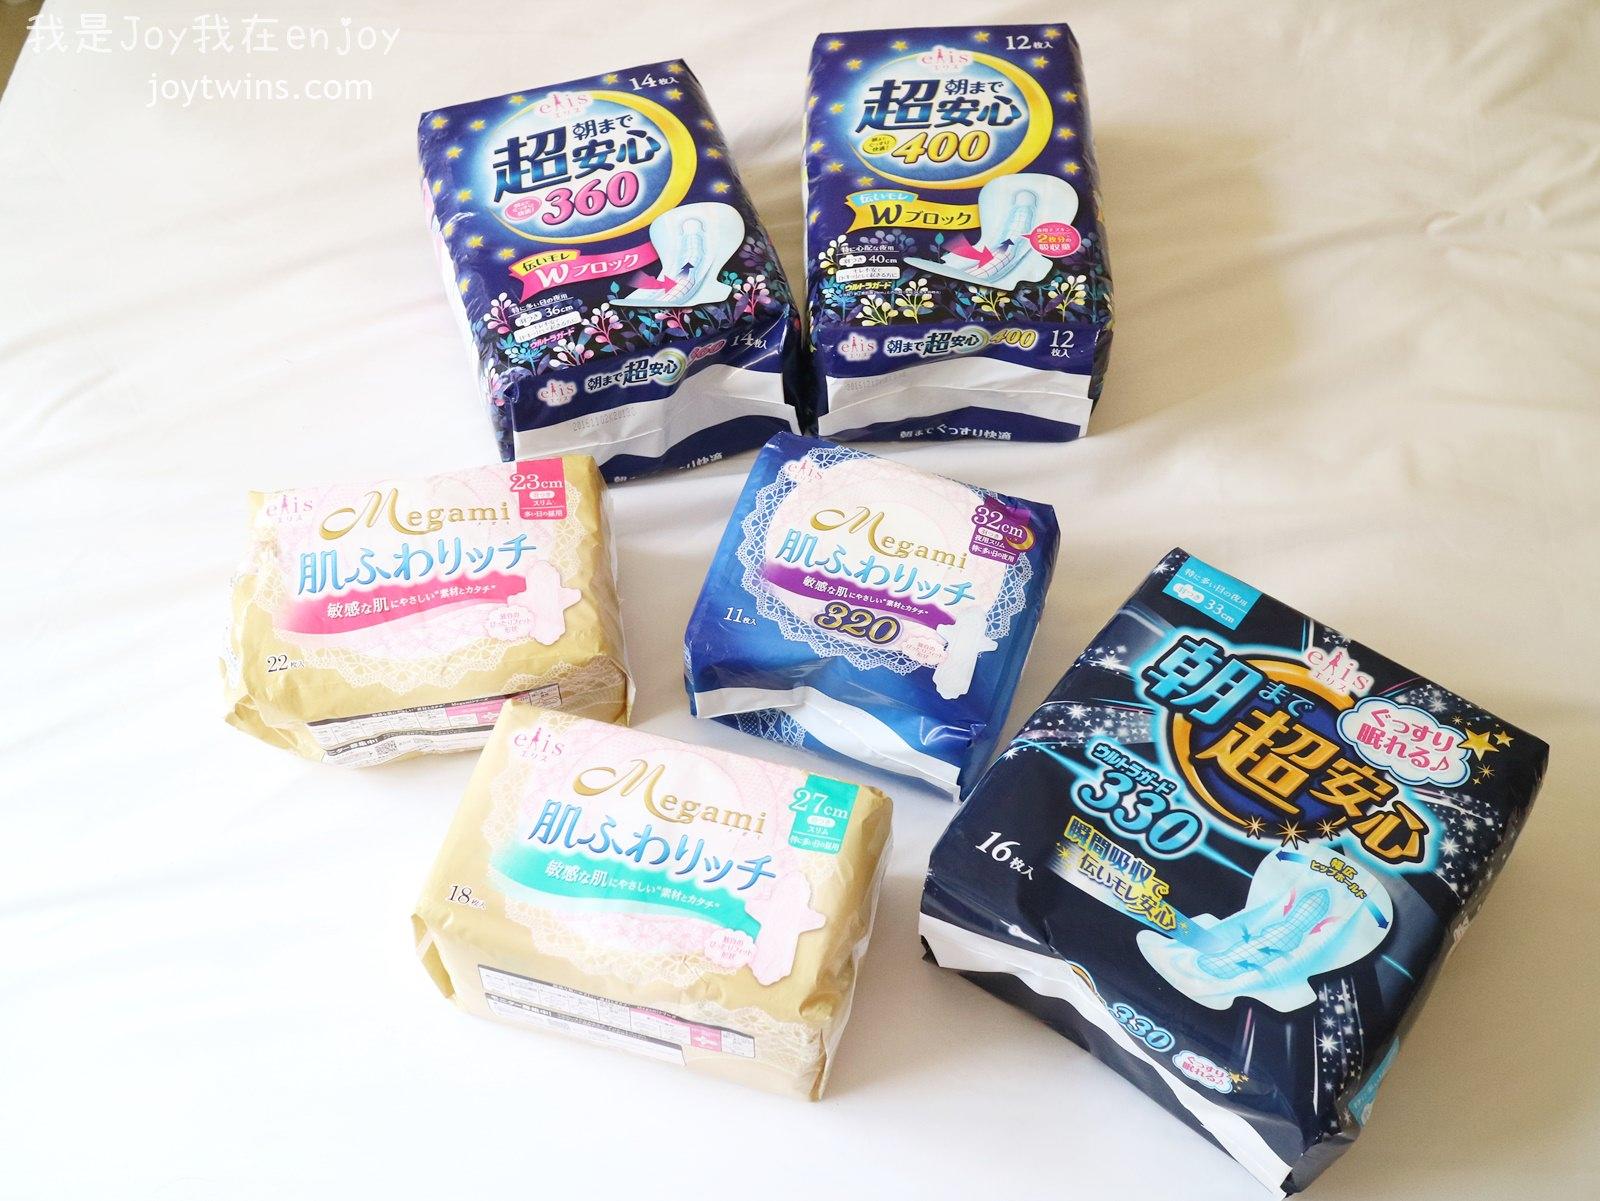 【團購】沒用過日本大王elis愛麗思衛生棉不要說你用過世上最溫柔細緻呵護的衛生棉 (同場加碼日本大王廚房紙巾)